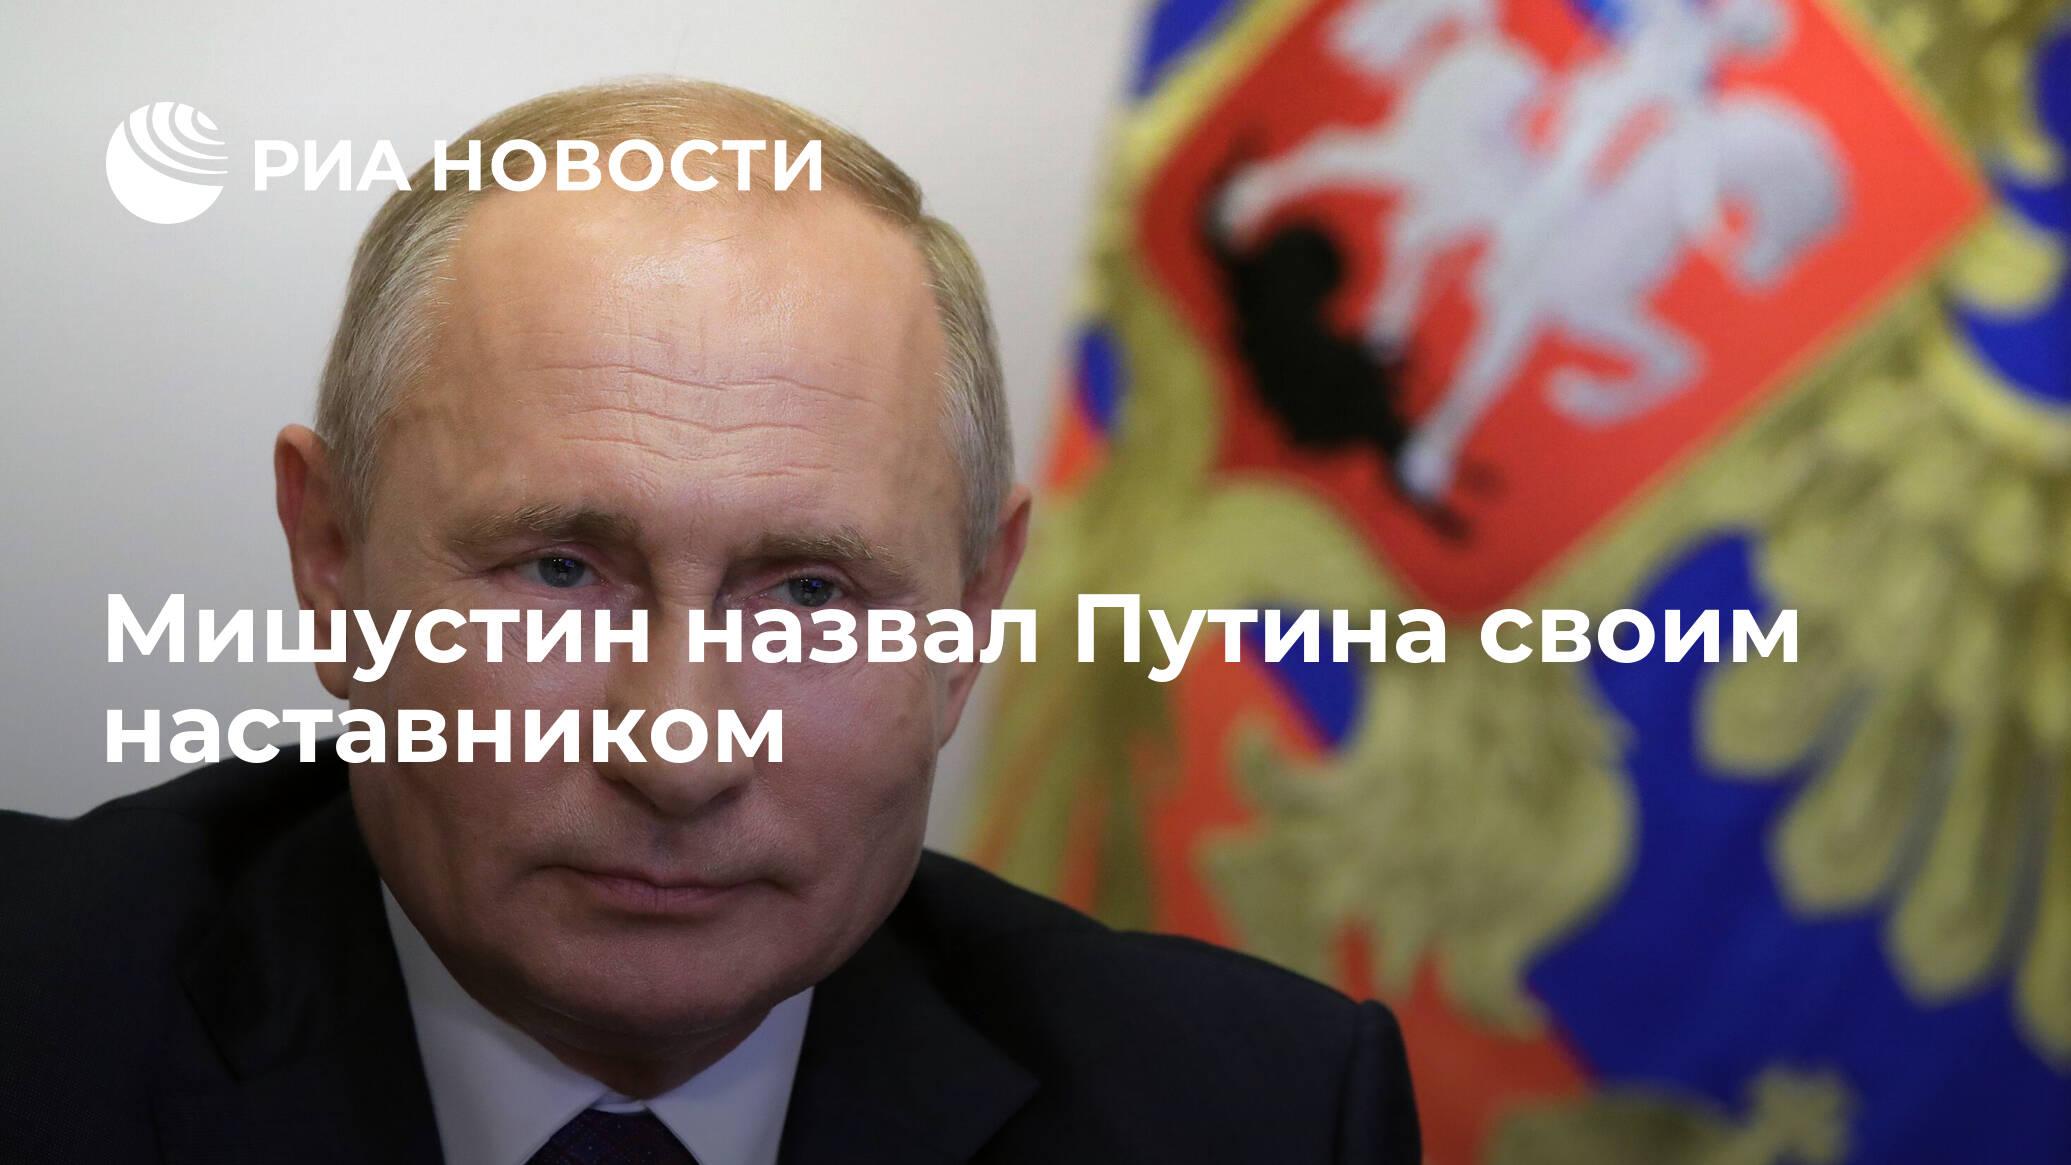 Мишустин назвал Путина своим наставником - РИА НОВОСТИ